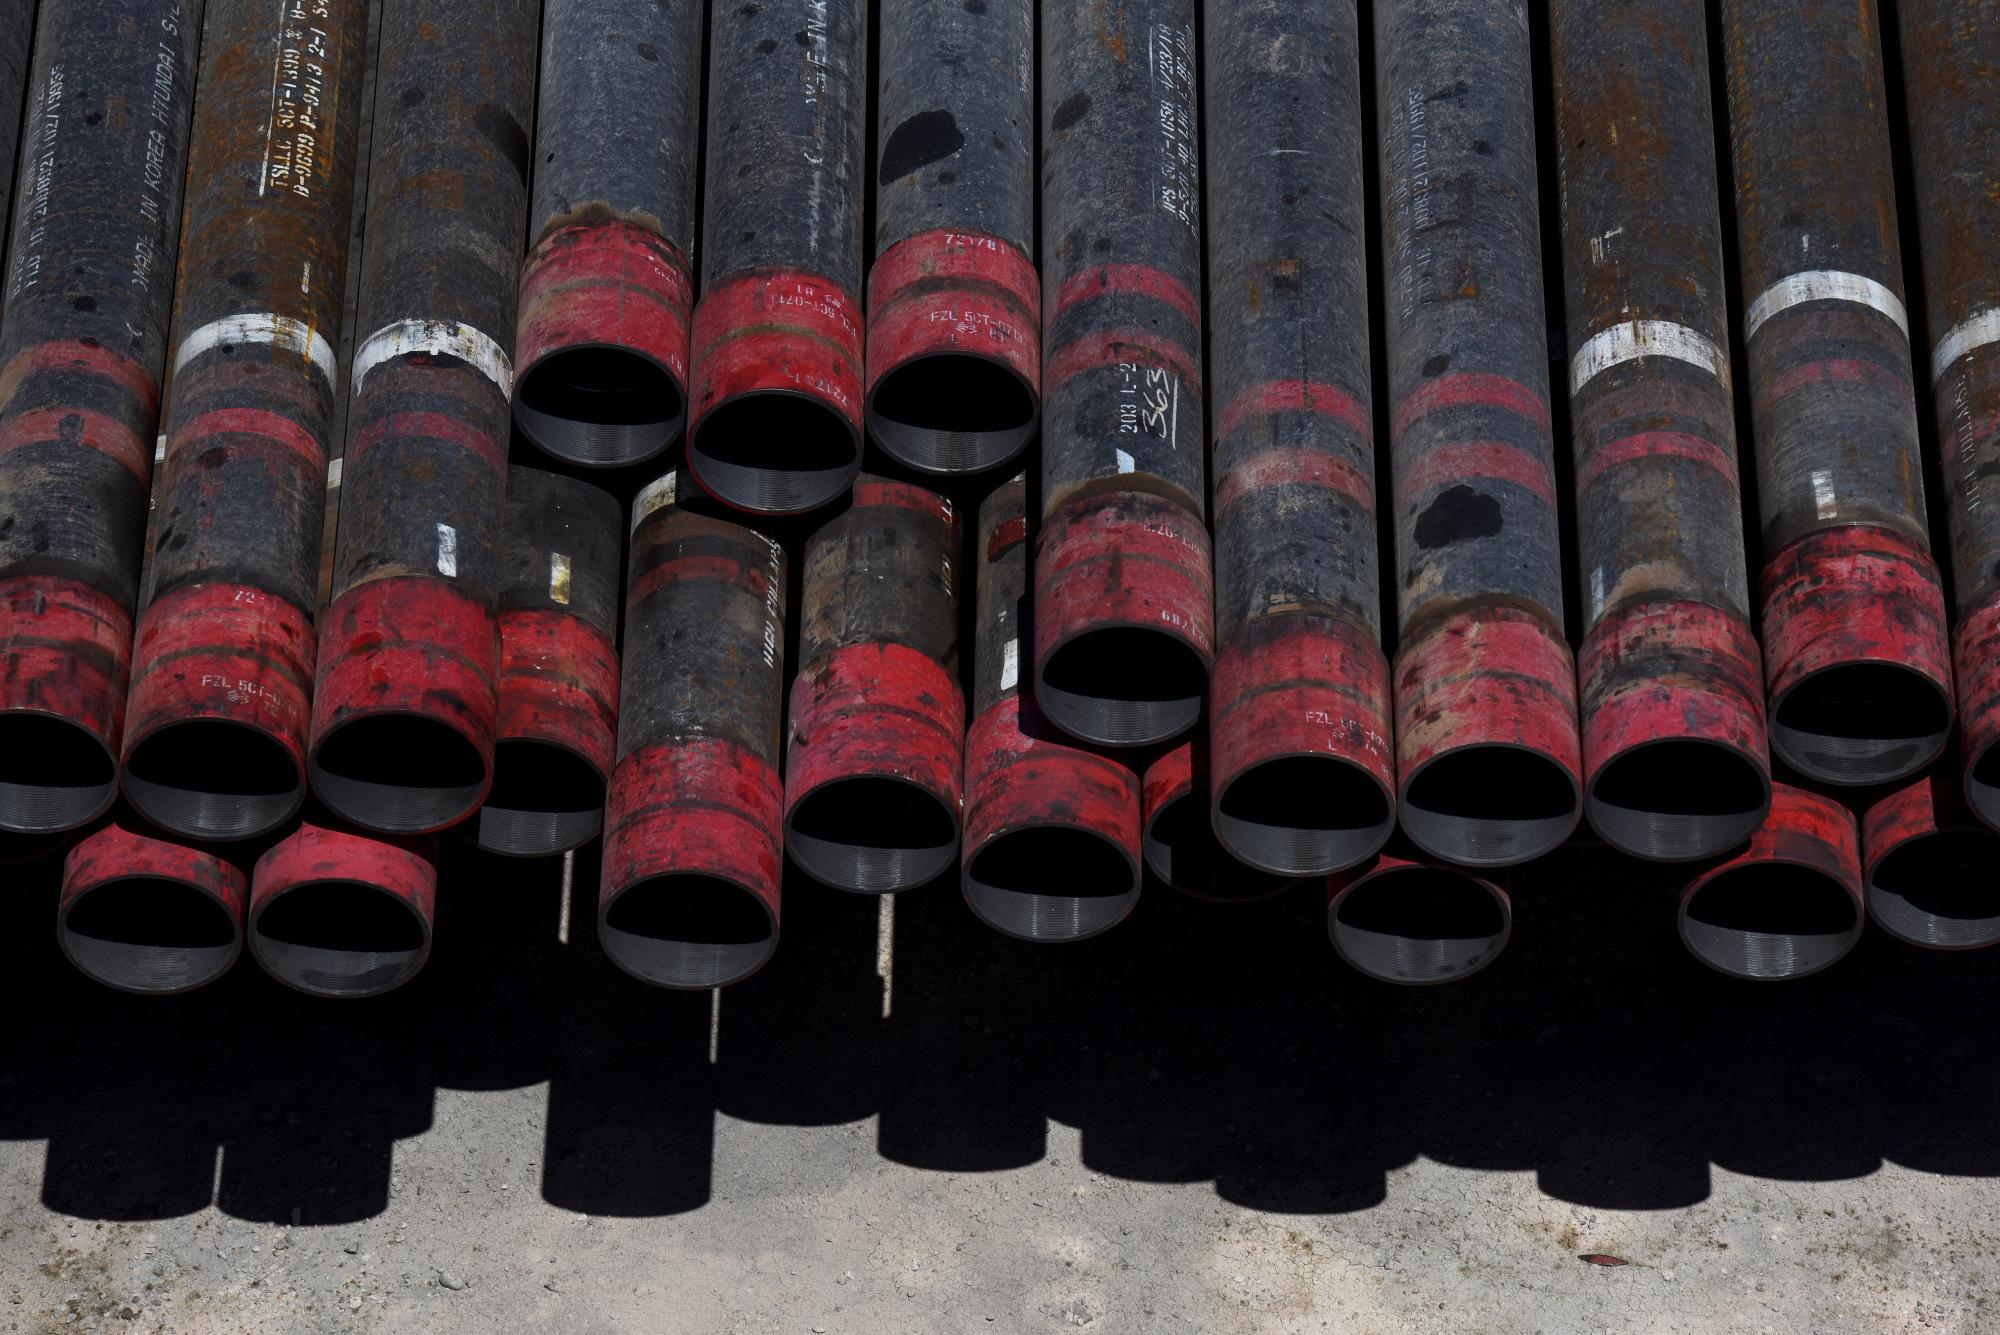 تهاوي أسعار النفط أجبرت على السعي لهيكلة ديونها